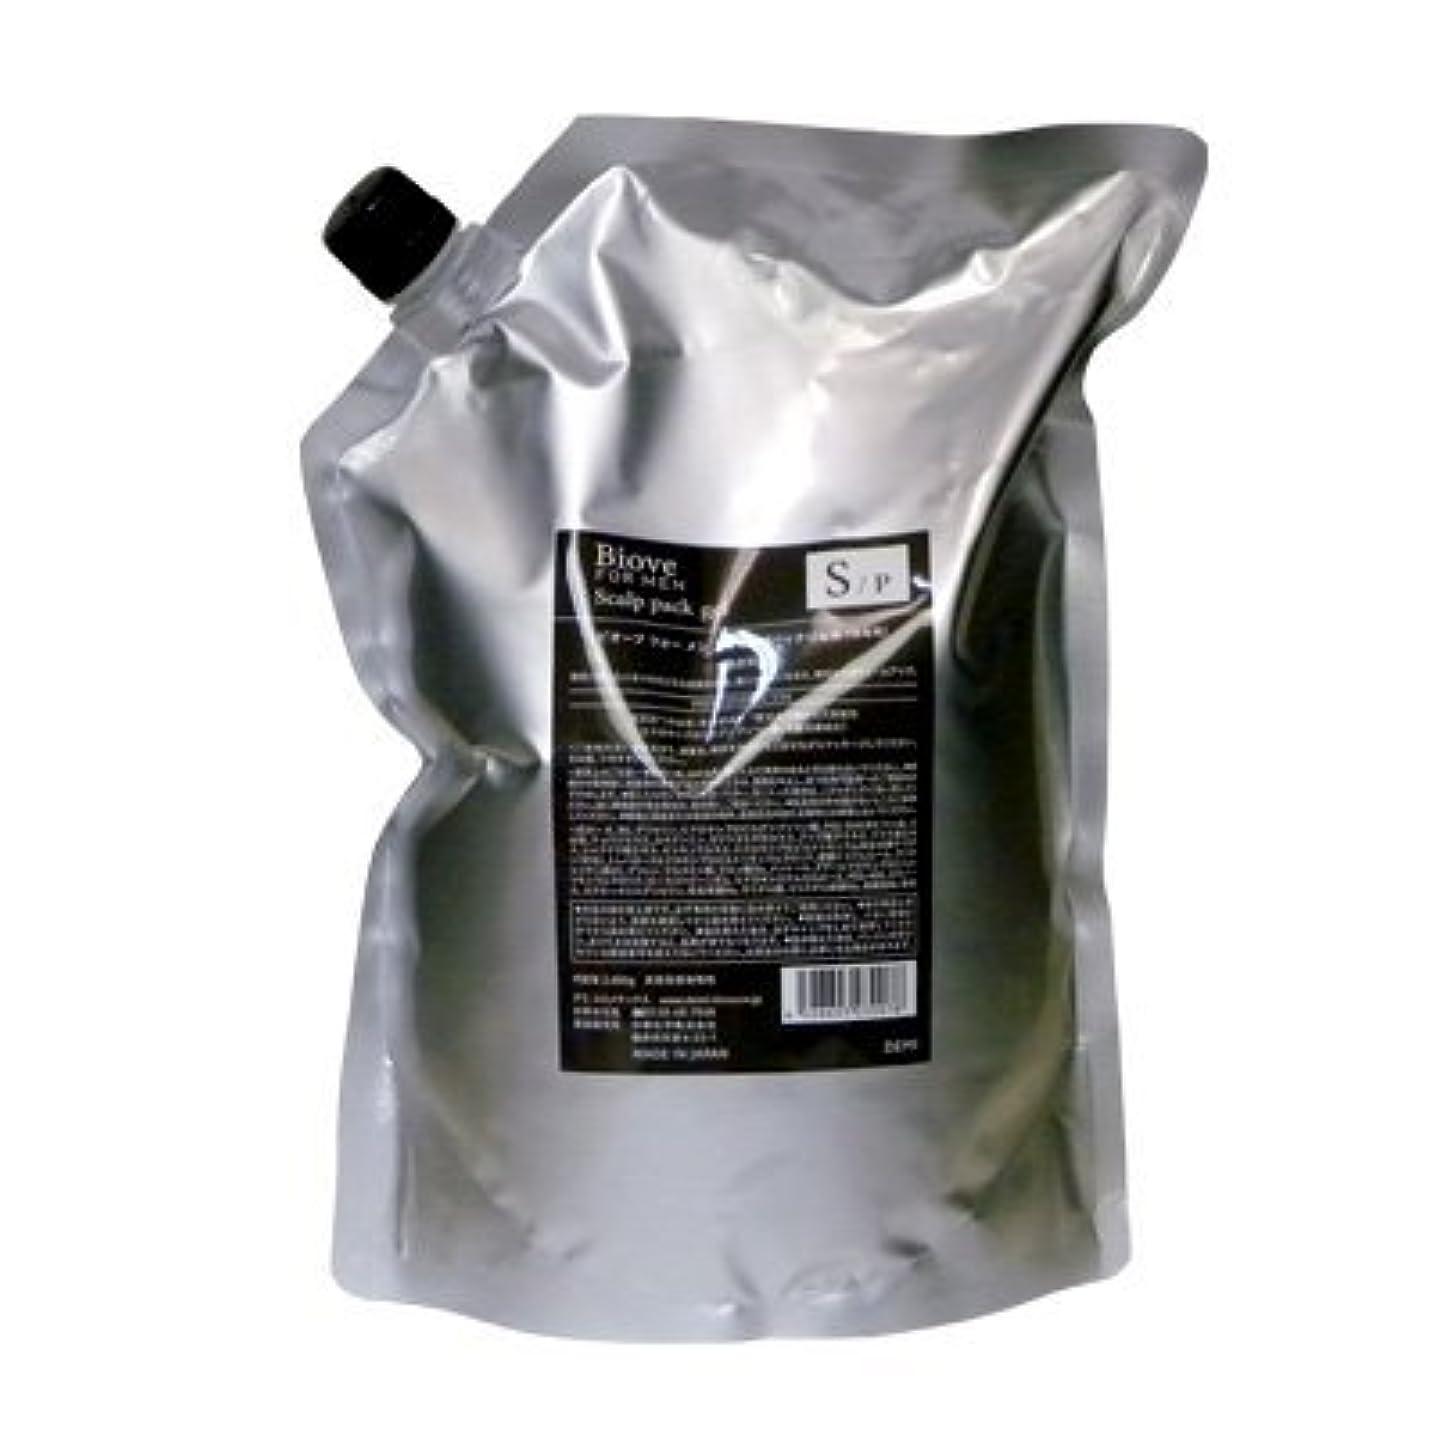 溶接関連付ける無効にするデミ ビオーブ フォーメン スキャルプパックジェル 2000g 詰め替え (頭皮トリートメント)